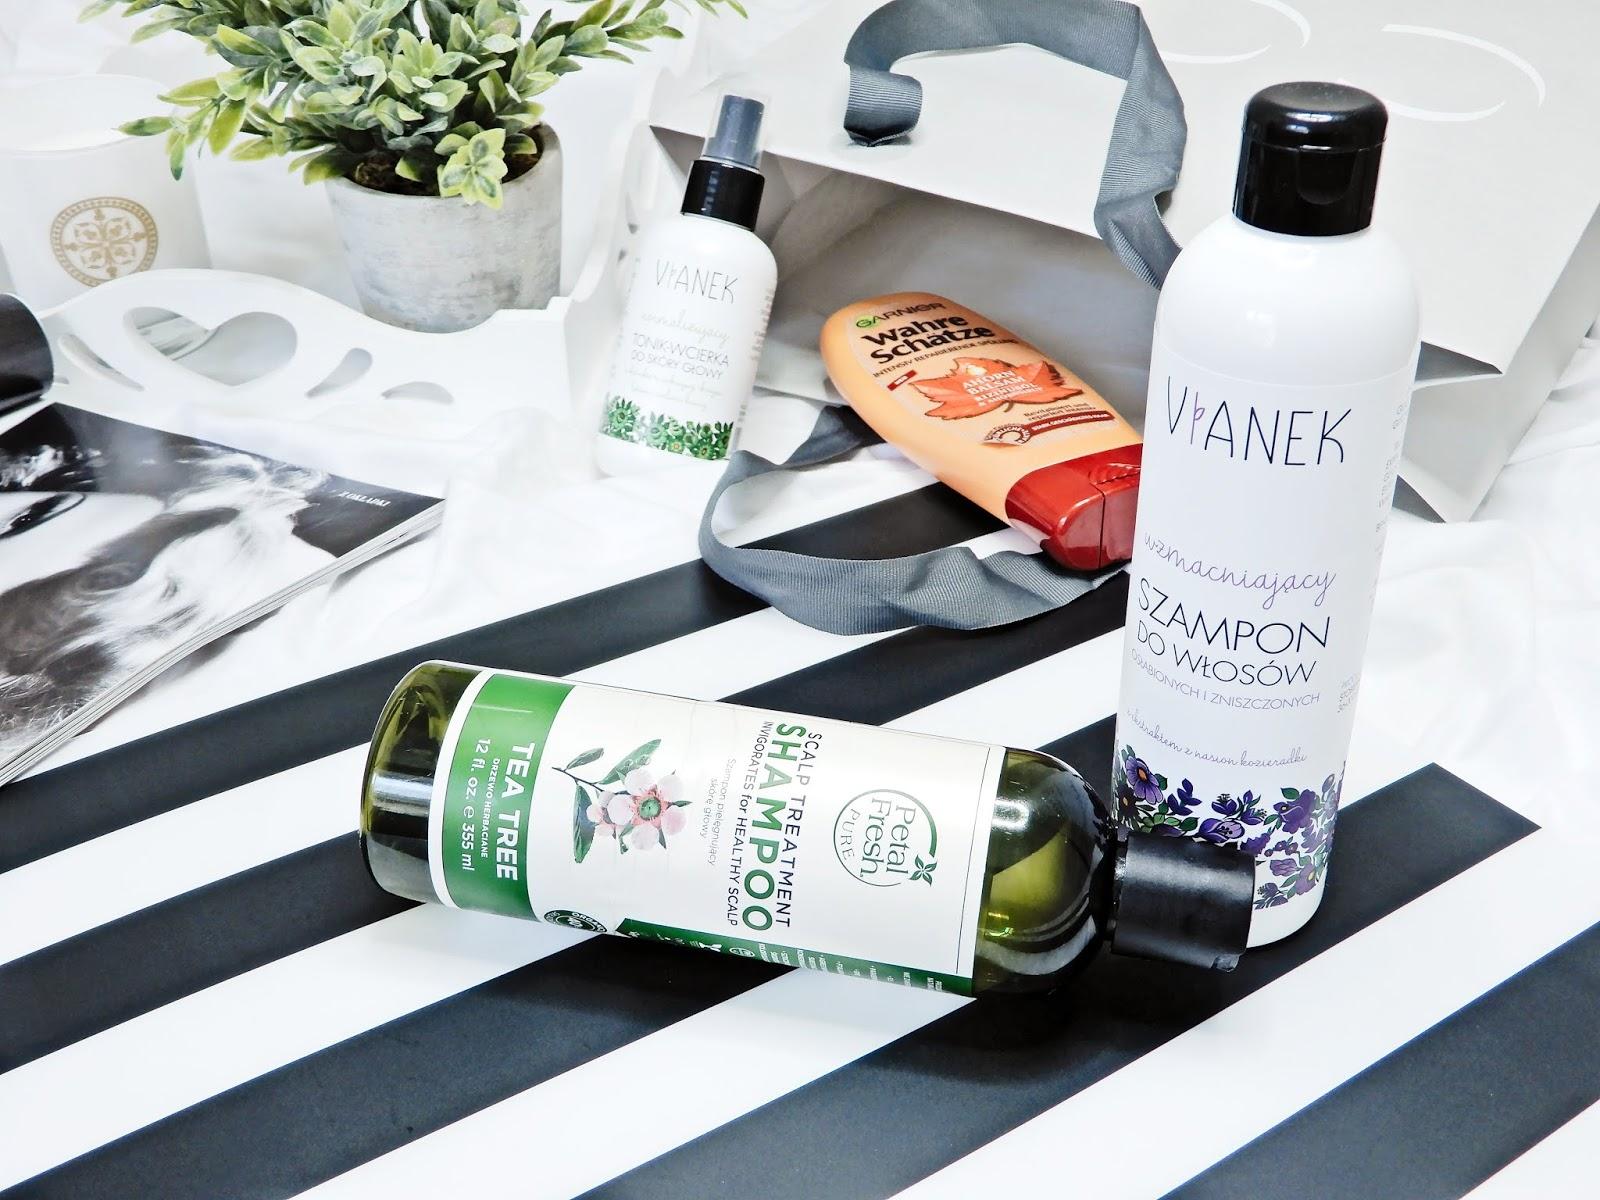 Vianek Normalizujący tonik-wcierka do skóry głowy, Garnier Wahre Schätze Intensiv-Spülung Ahorn Balsam, Vianek wzmacniający szampon do włosów, Petal Fresh Szampon antyseptyczny do włosów z olejkiem z drzewa herbacianego,